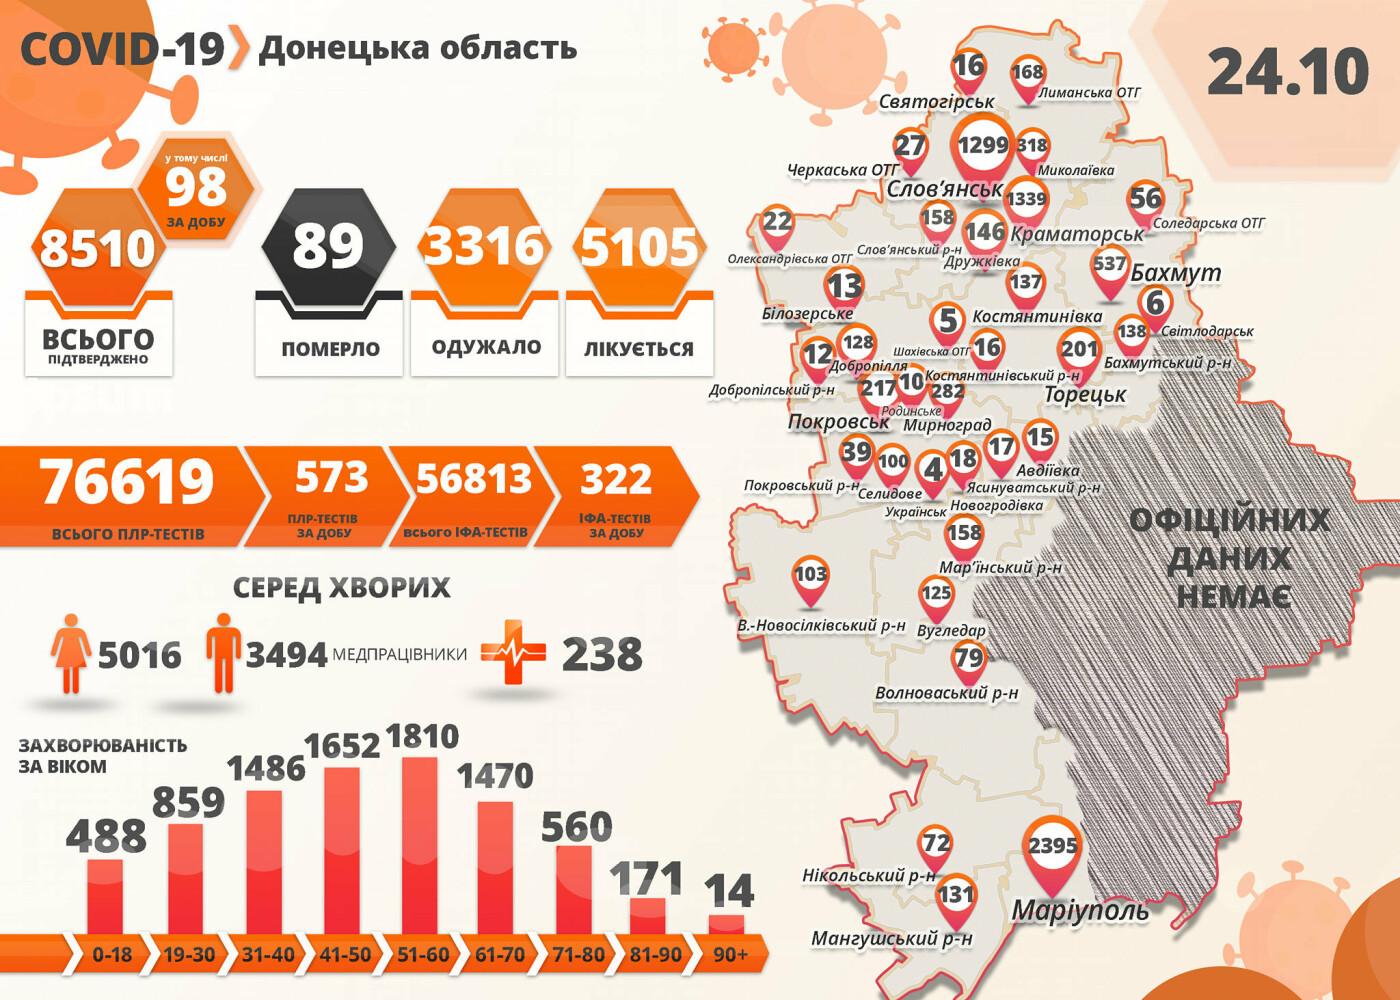 В Донецкой области 98 новых случаев коронавируса, фото-1